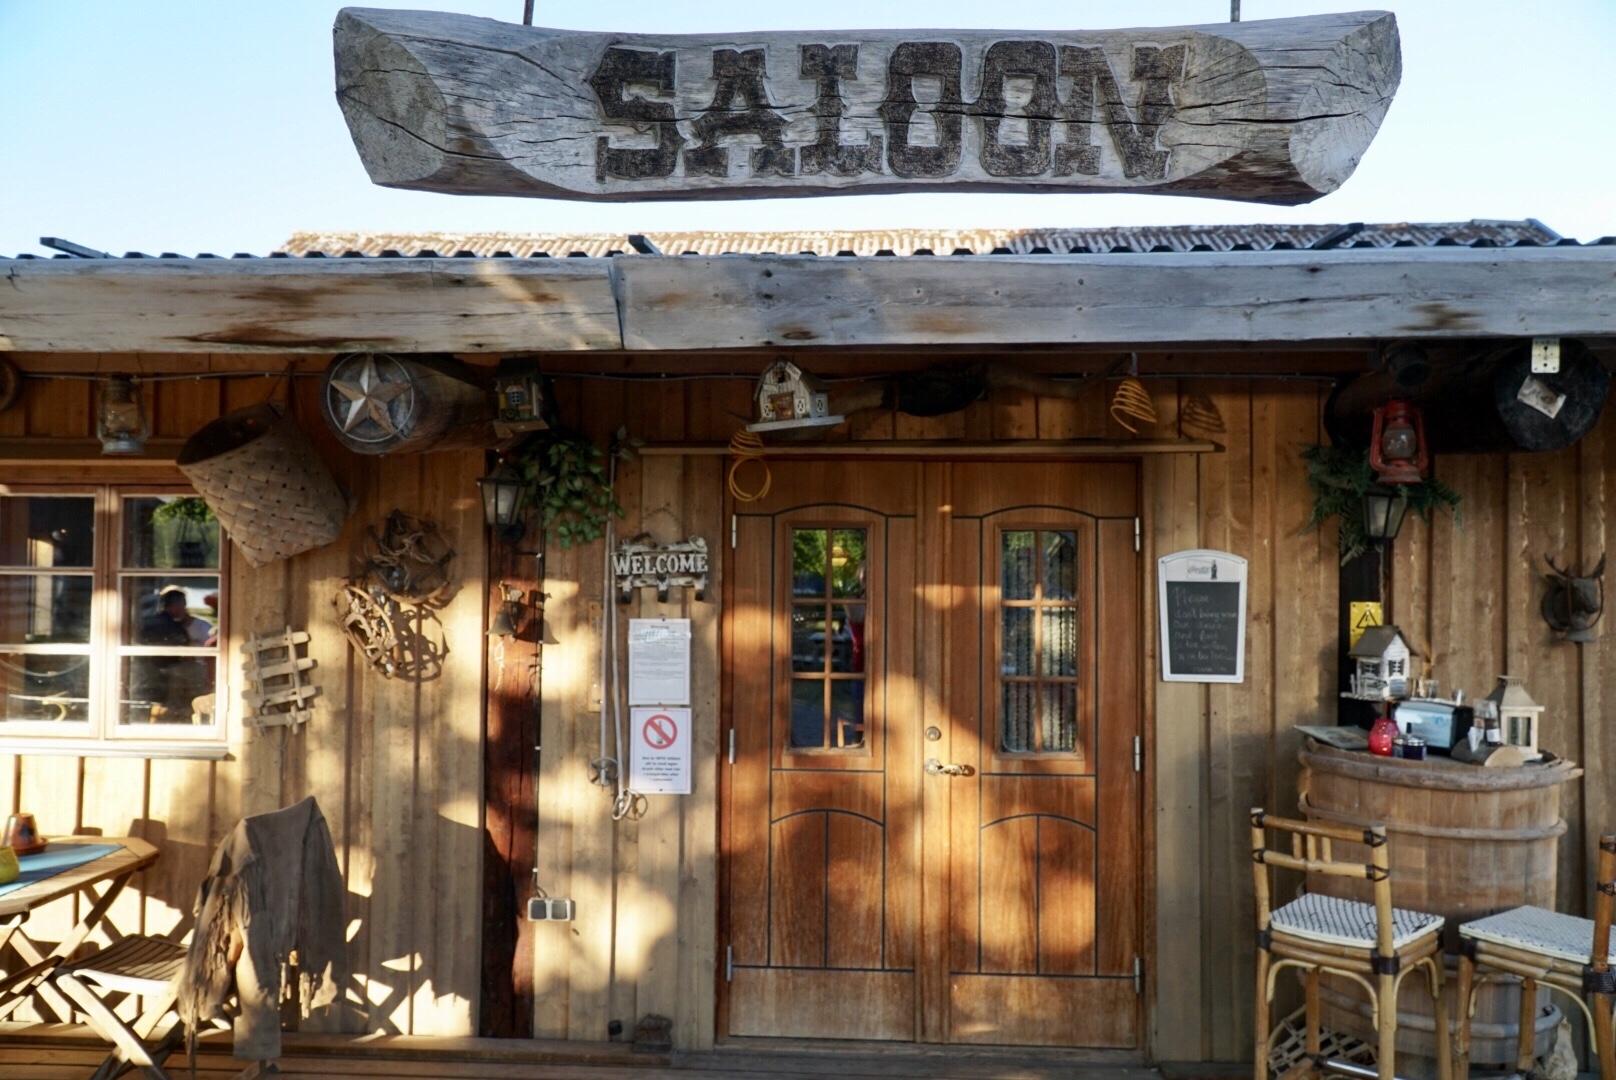 Dag 16. 15 juni. Alevi Camping – Sun Dance Ranch 26 km